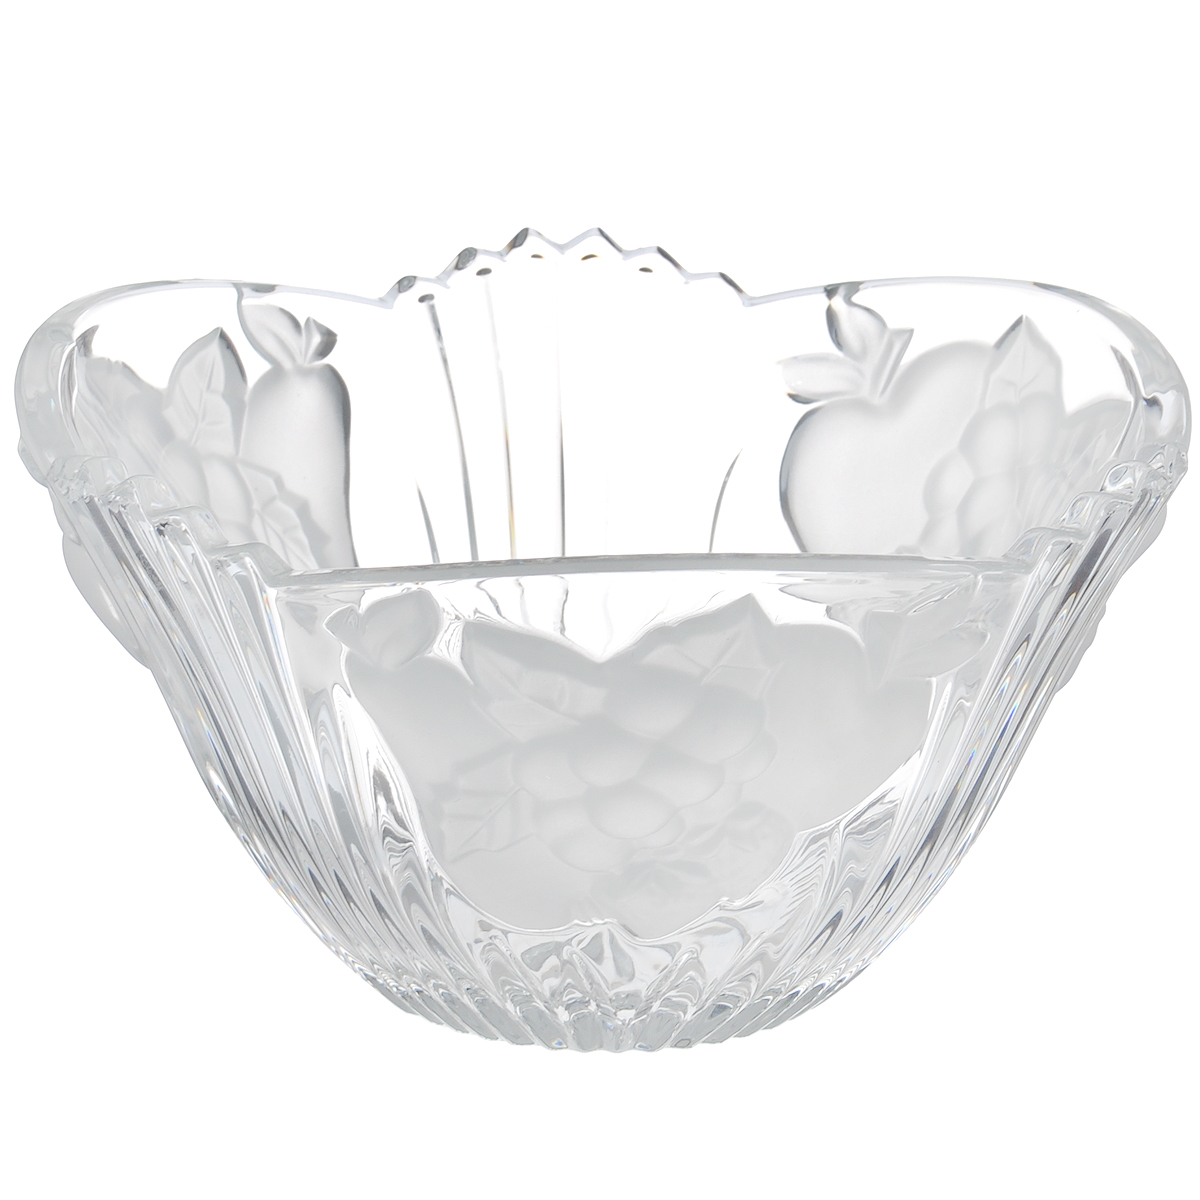 Салатник Crystal Bohemia Фрукты, диаметр 16,5 см931/68620/0/68310/165-109Салатник Crystal Bohemia Фрукты изготовлен из хрусталя и выполнен в форме большой чаши, декорированной рельефным изображением фруктов с матовой поверхностью. Данный салатник сочетает в себе изысканный дизайн с максимальной функциональностью. Он прекрасно впишется в интерьер вашей кухни и станет достойным дополнением к кухонному инвентарю. Такой салатник не только украсит ваш кухонный стол и подчеркнет прекрасный вкус хозяйки, но и станет отличным подарком.Диаметр: 16,5 см.Высота: 9 см.Диаметр дна: 6 см.